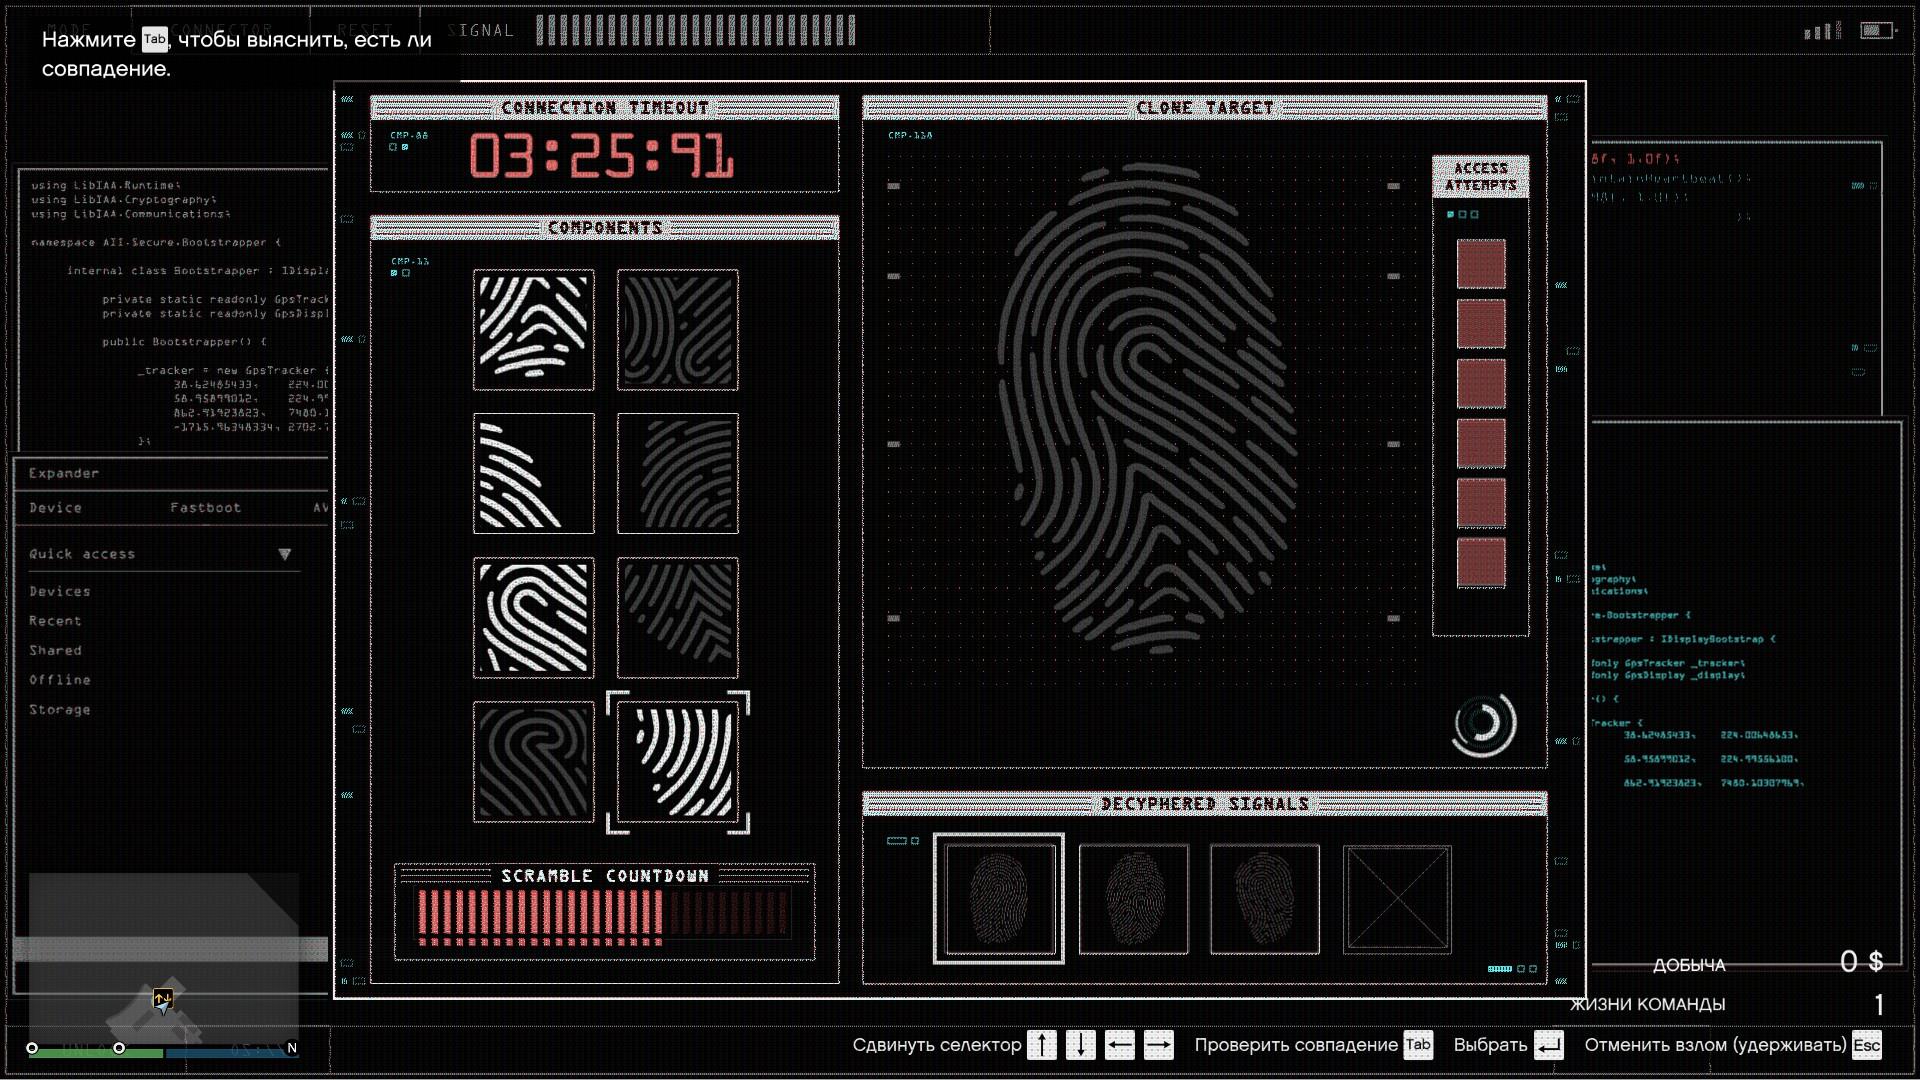 Online Casino Hack